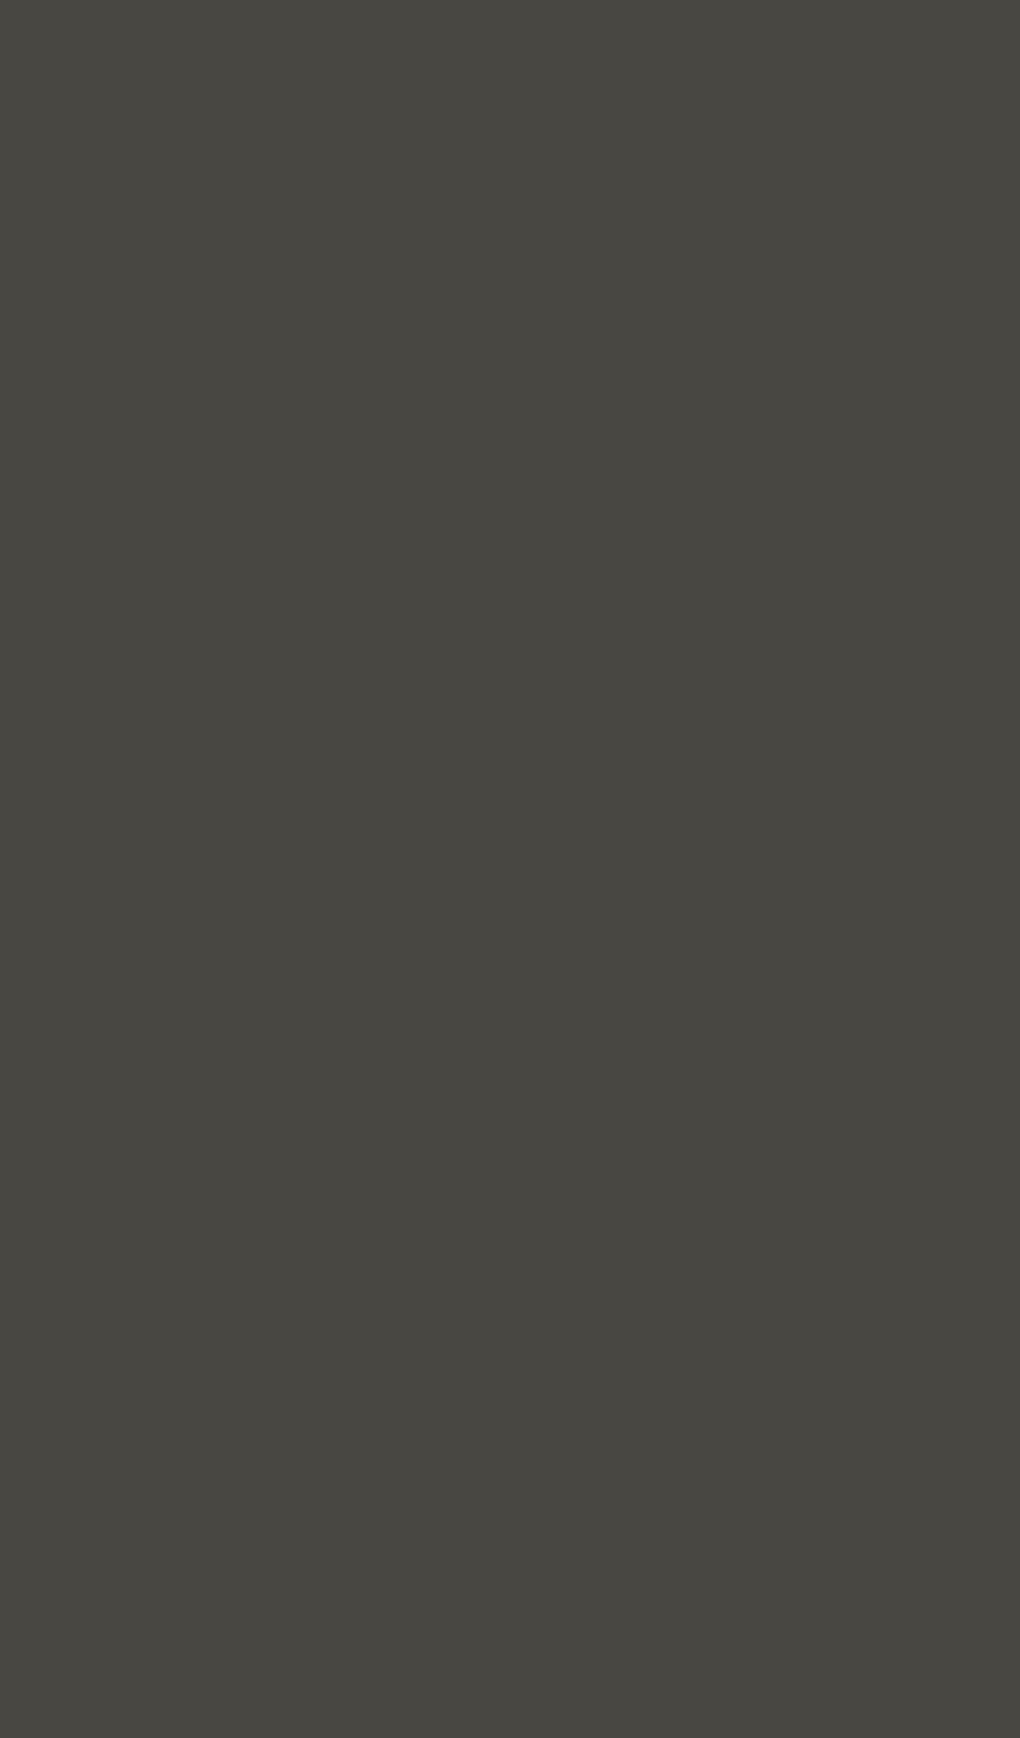 椒麻口味綜合組(椒麻原味x1, 椒麻辣椒麵x1,椒麻波浪寬麵x2) - 23